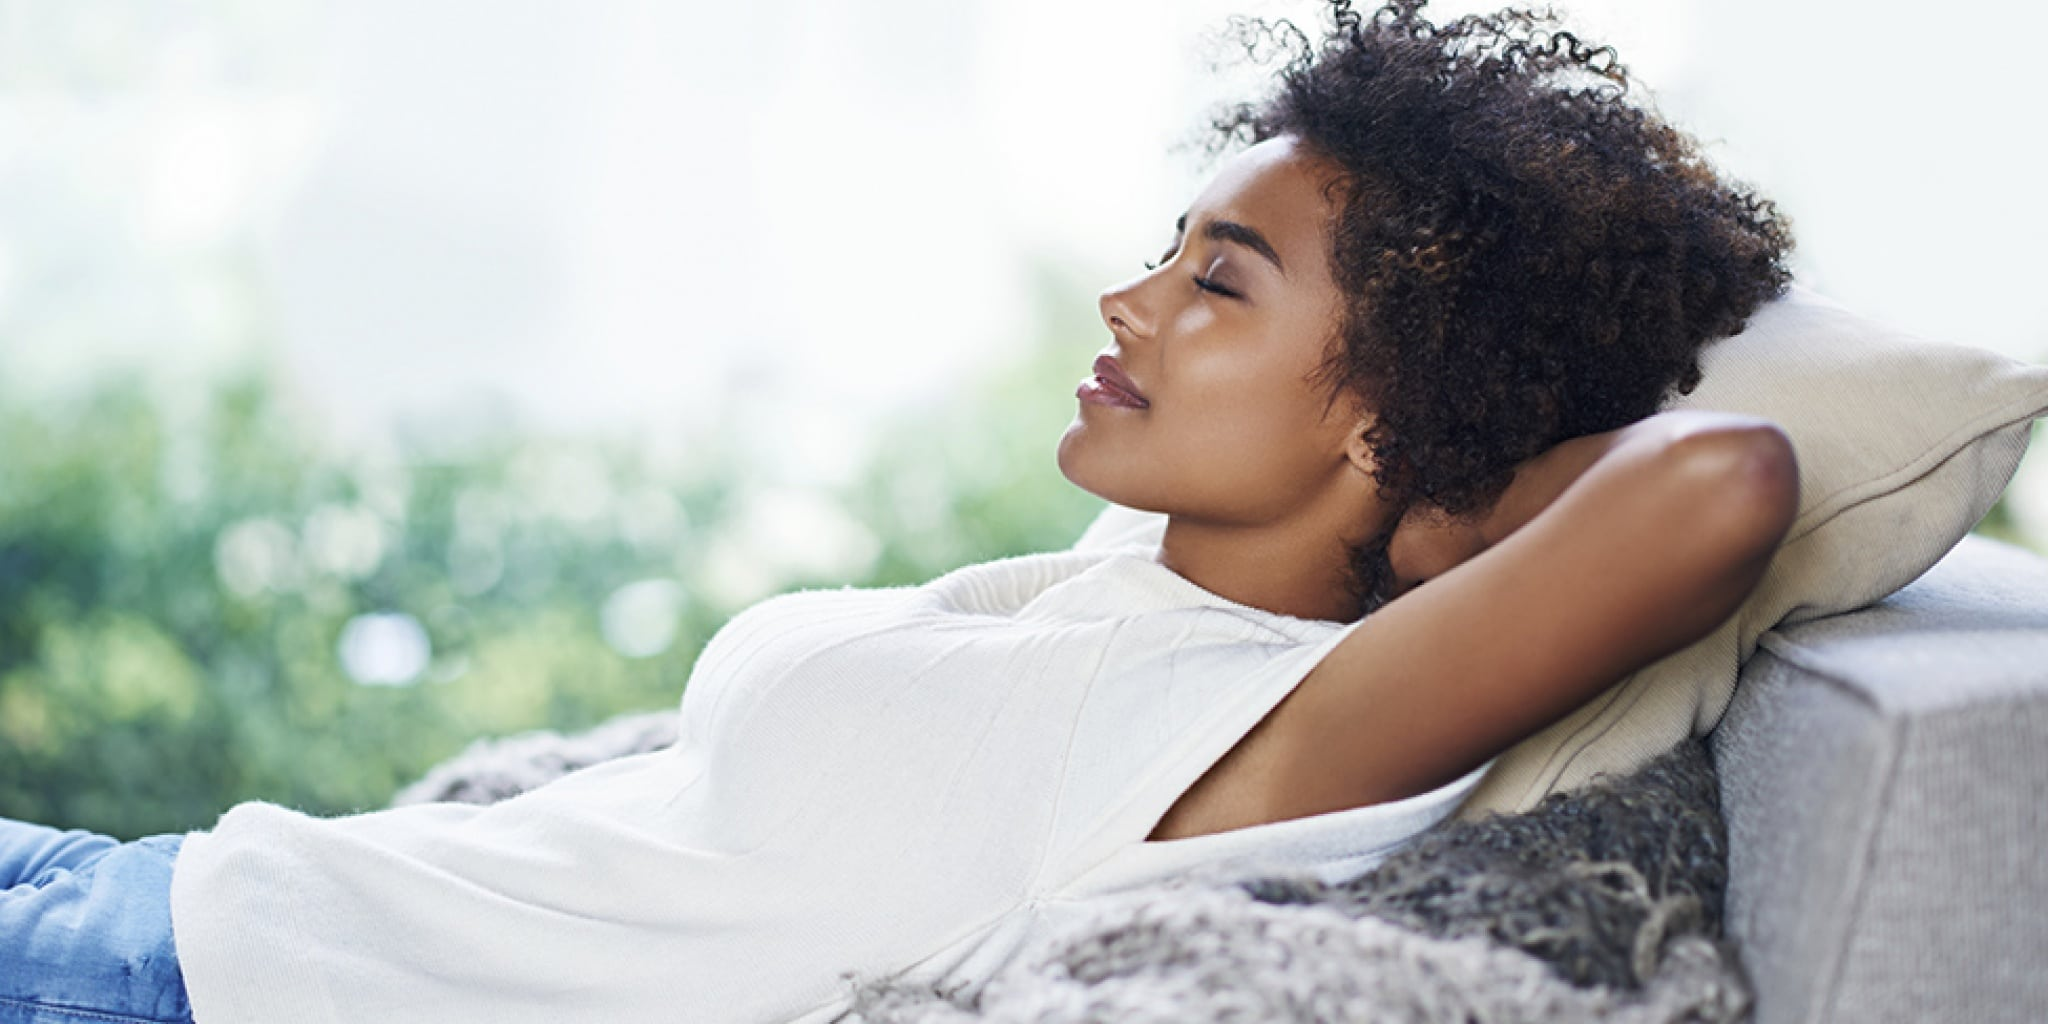 meilleur oreiller ergonomique perfect oreiller ergonomique dans coussin anatomique achetez au. Black Bedroom Furniture Sets. Home Design Ideas